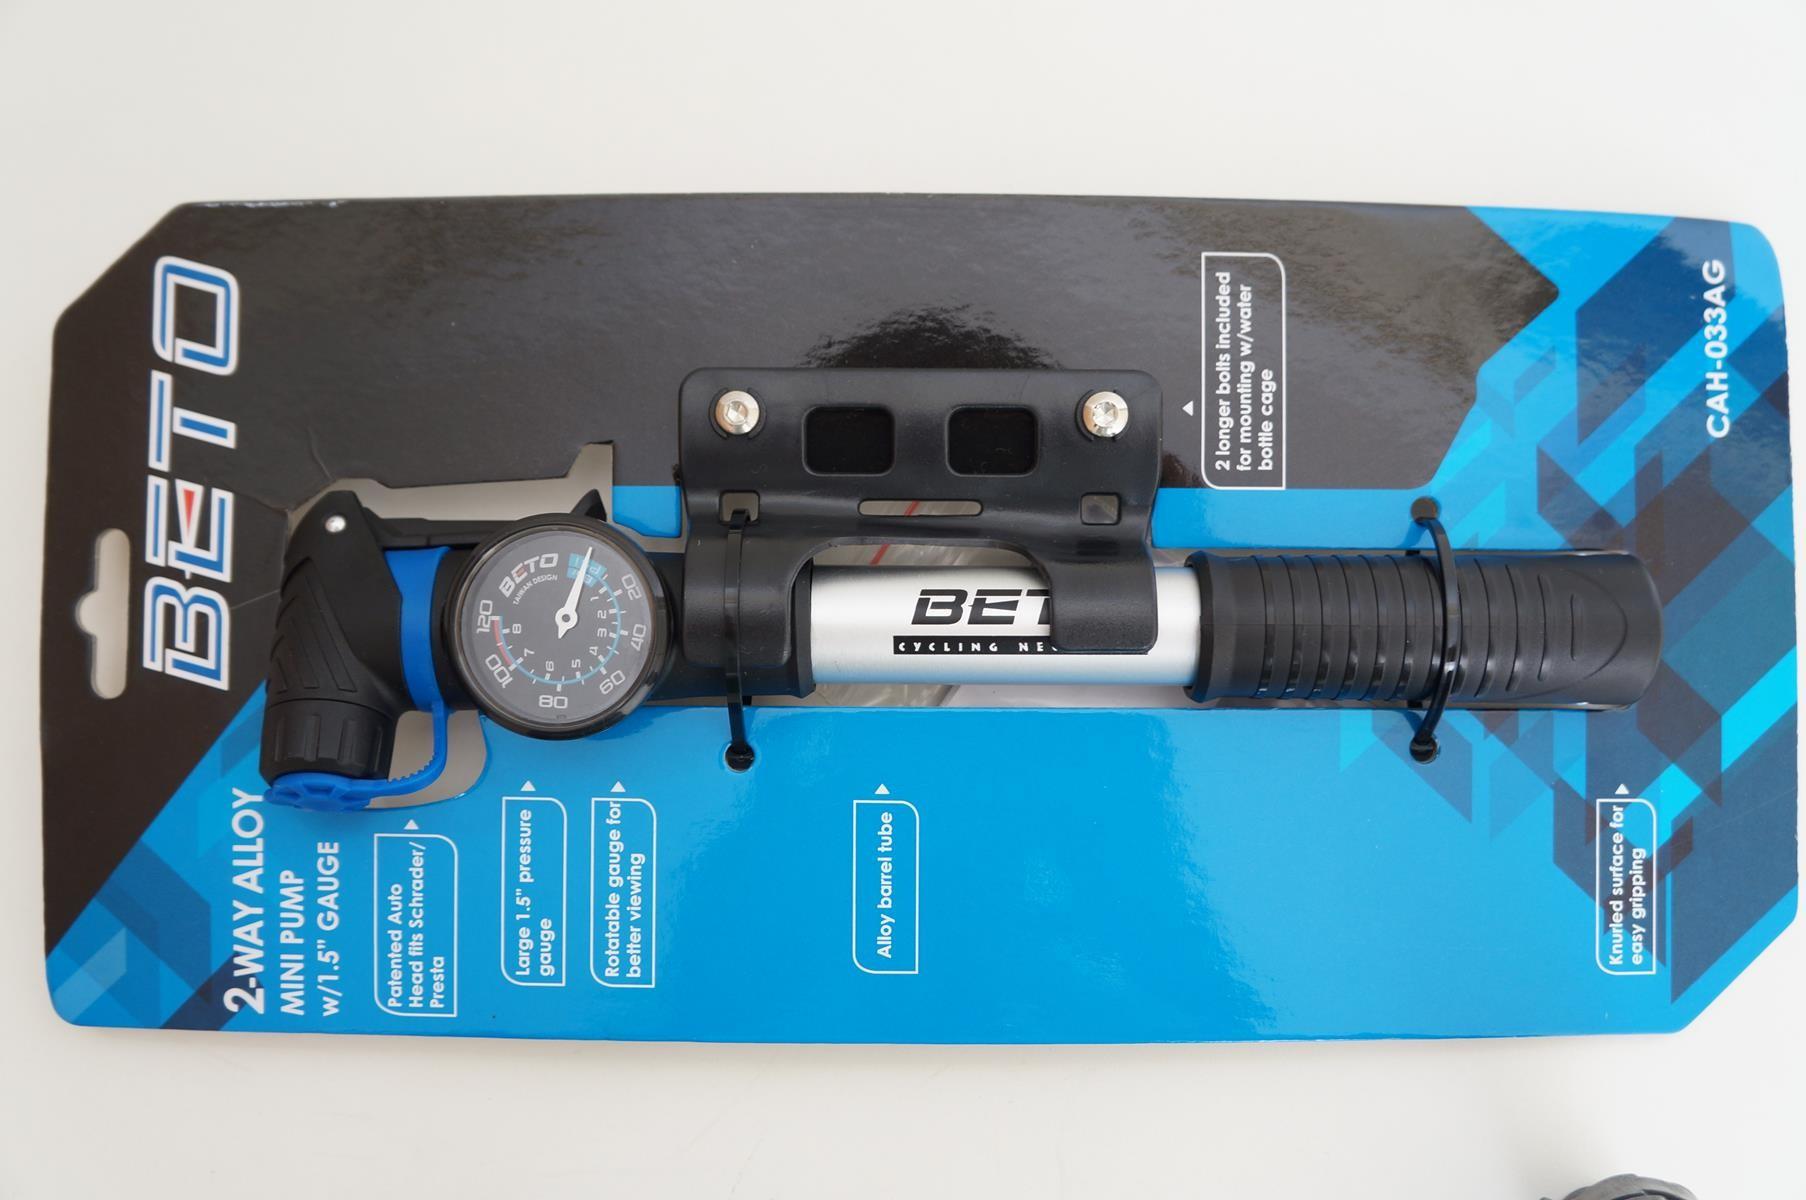 Mini Bomba Bicicleta Beto Cah-033ag Com Manometro Portatil até 100psi Dupla ação